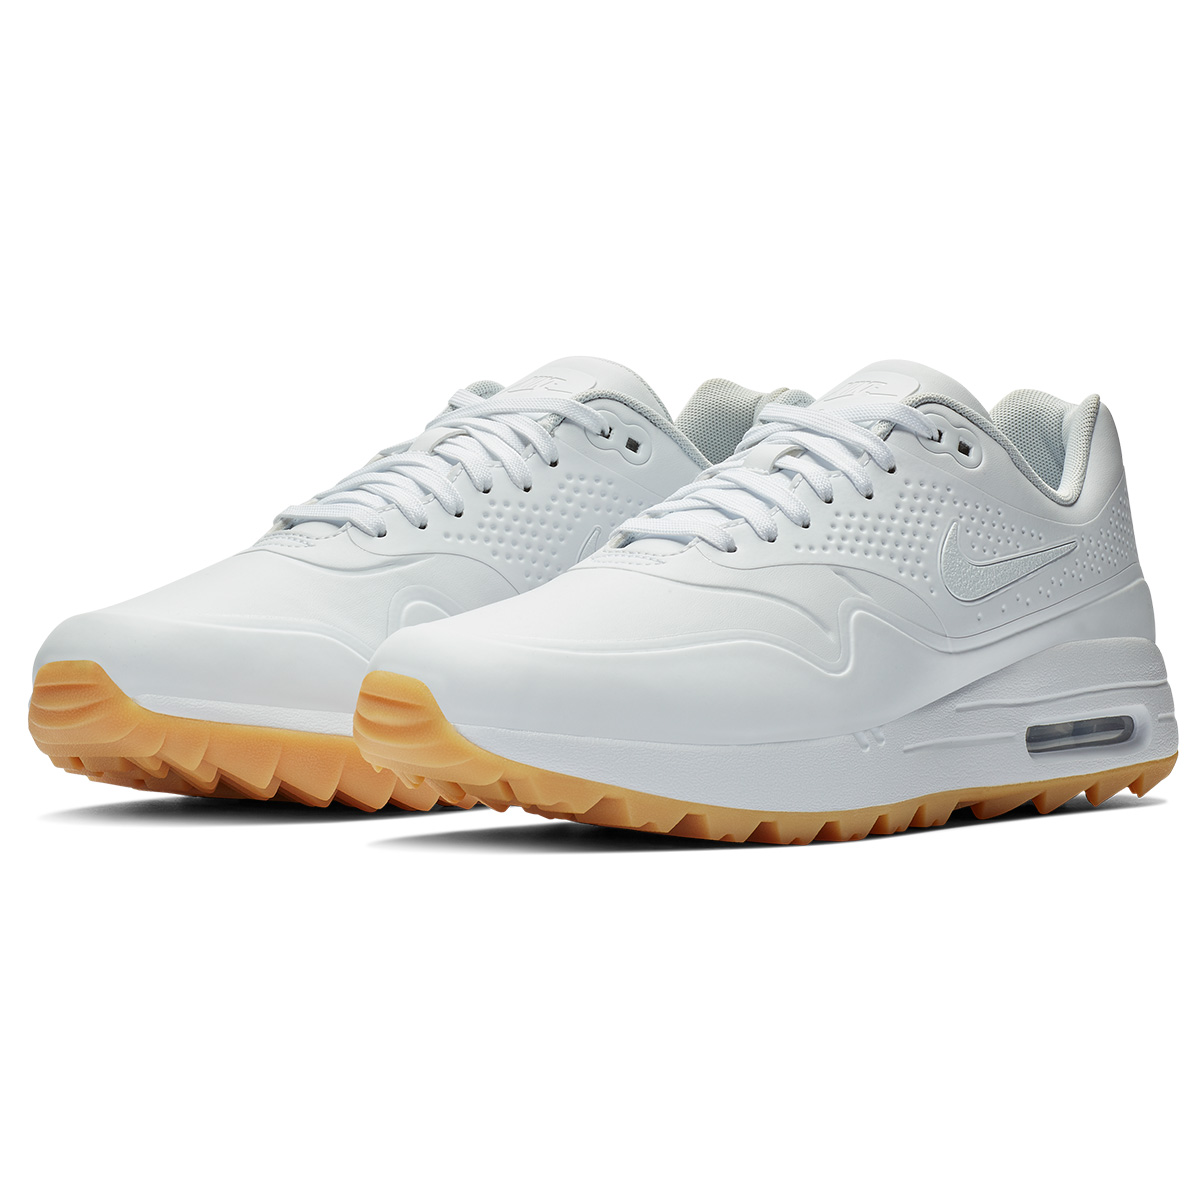 338968-Nike-Golf-White-Gum-Light-Brown-Air-Max-1G-4.jpg